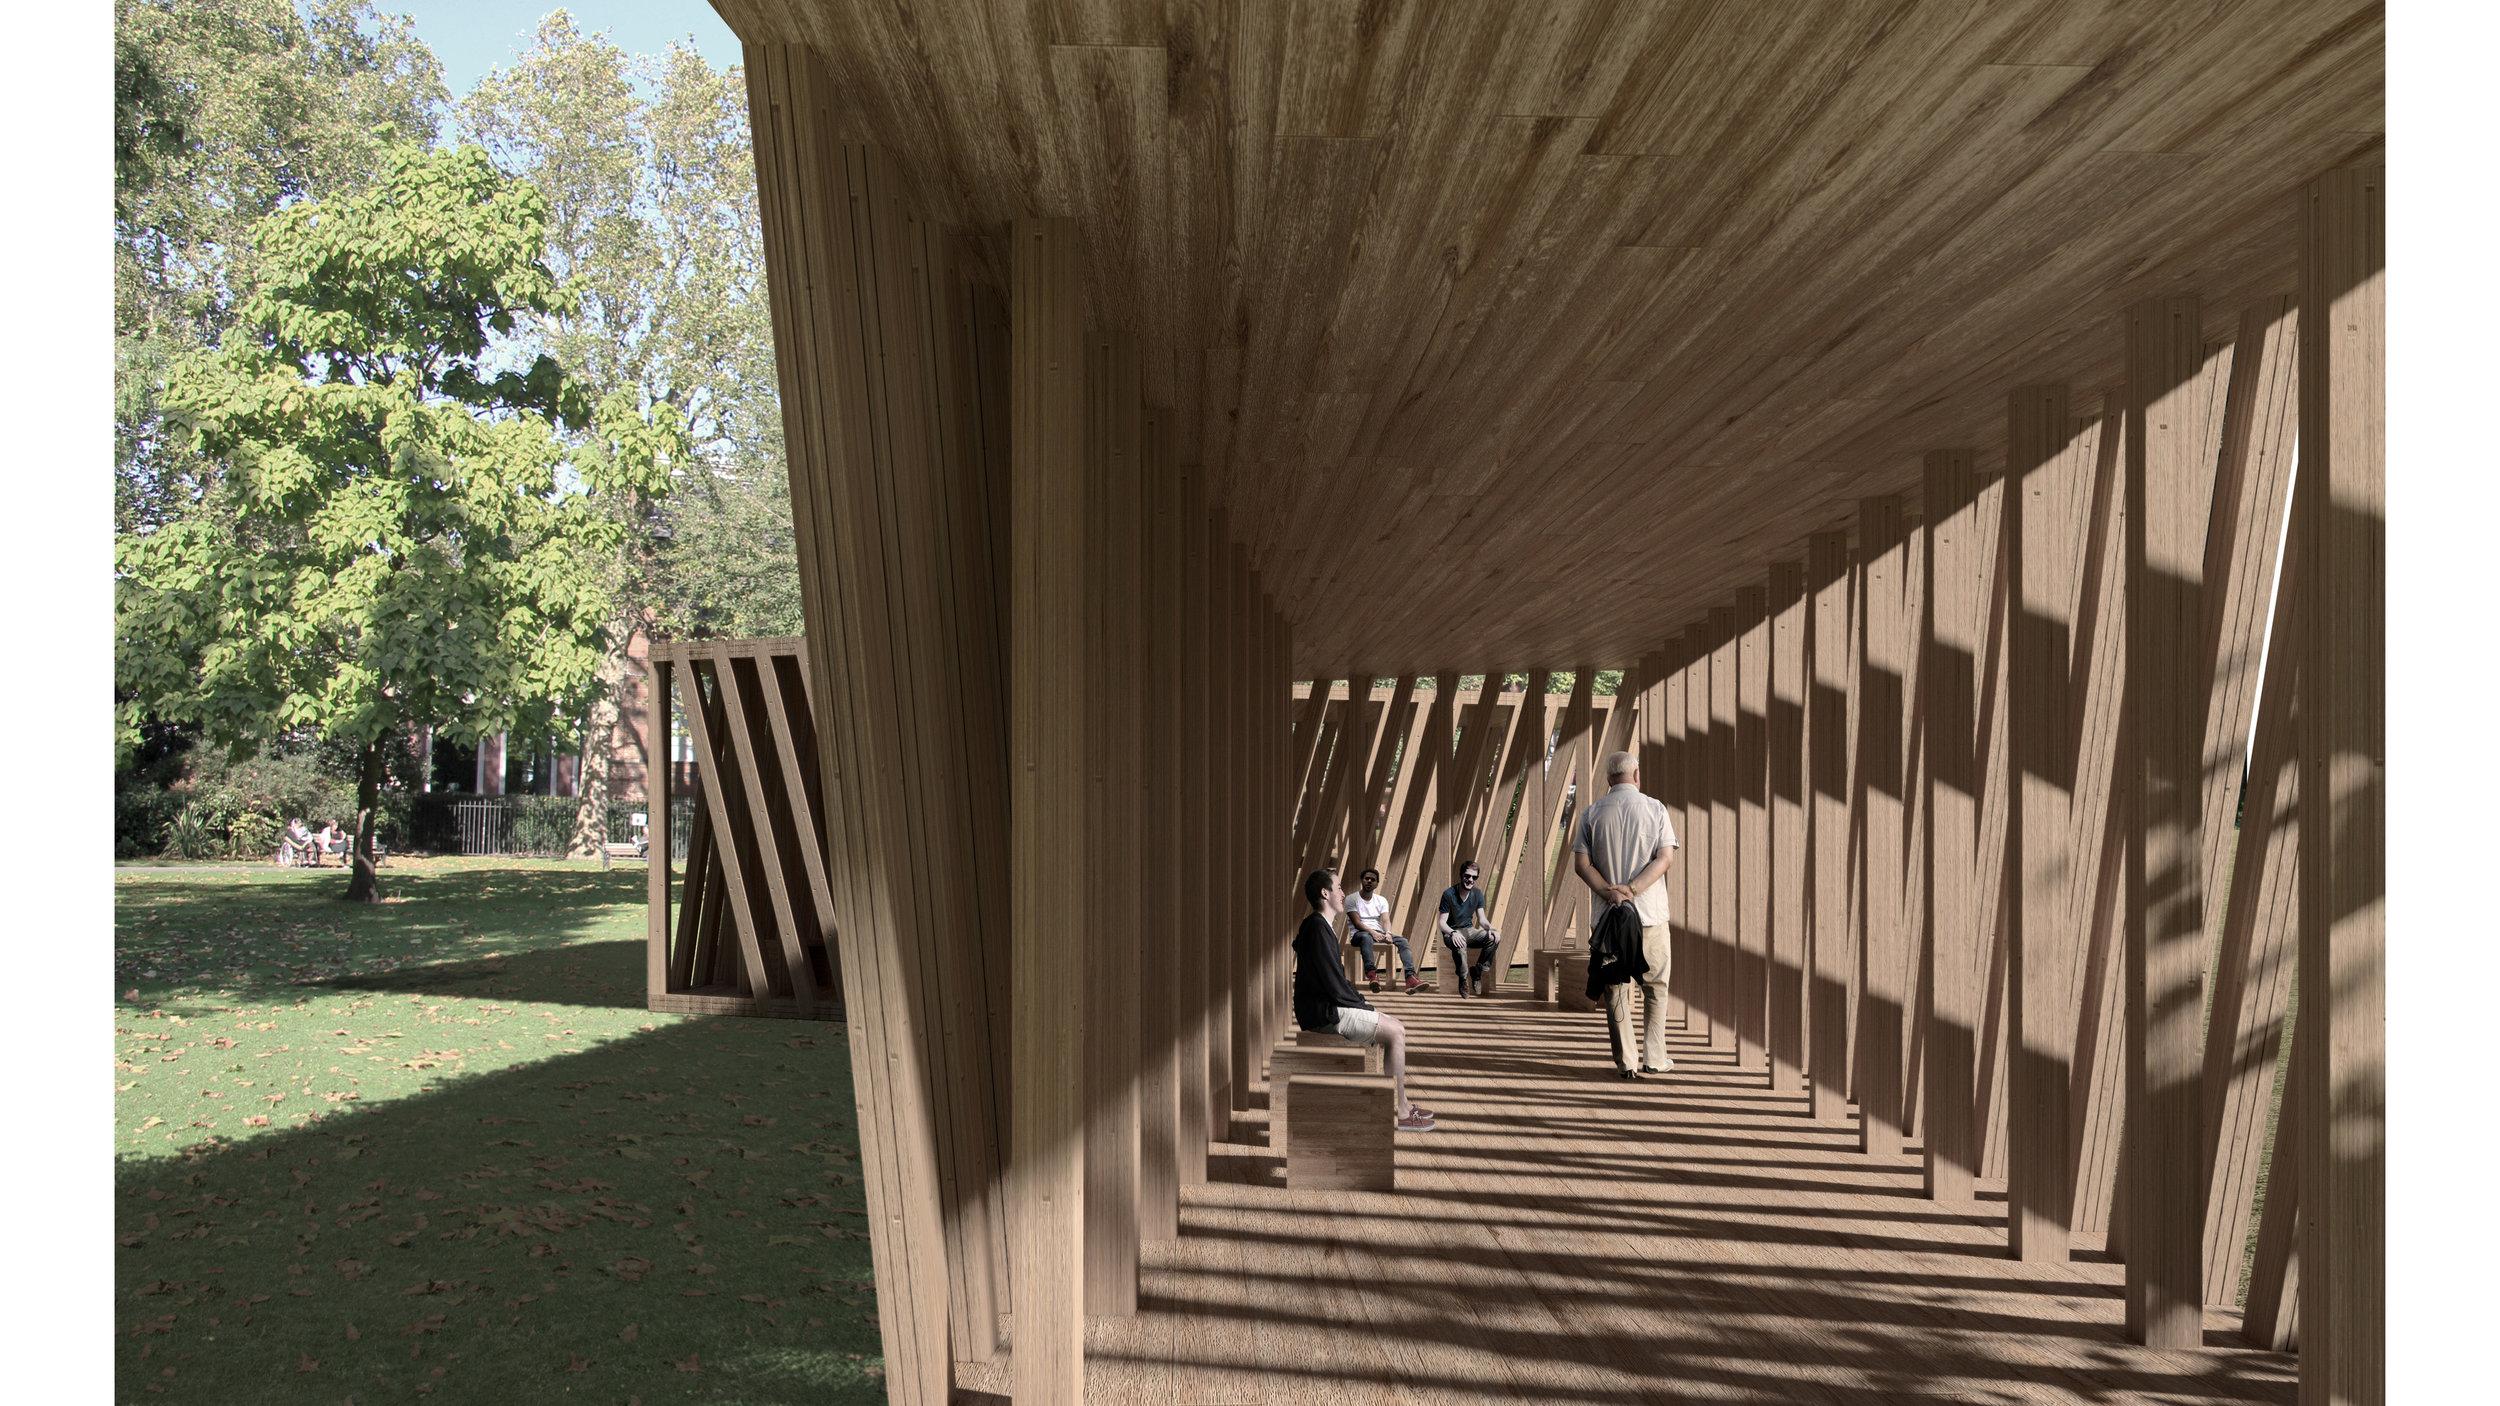 Light Pavilion Images11.jpg